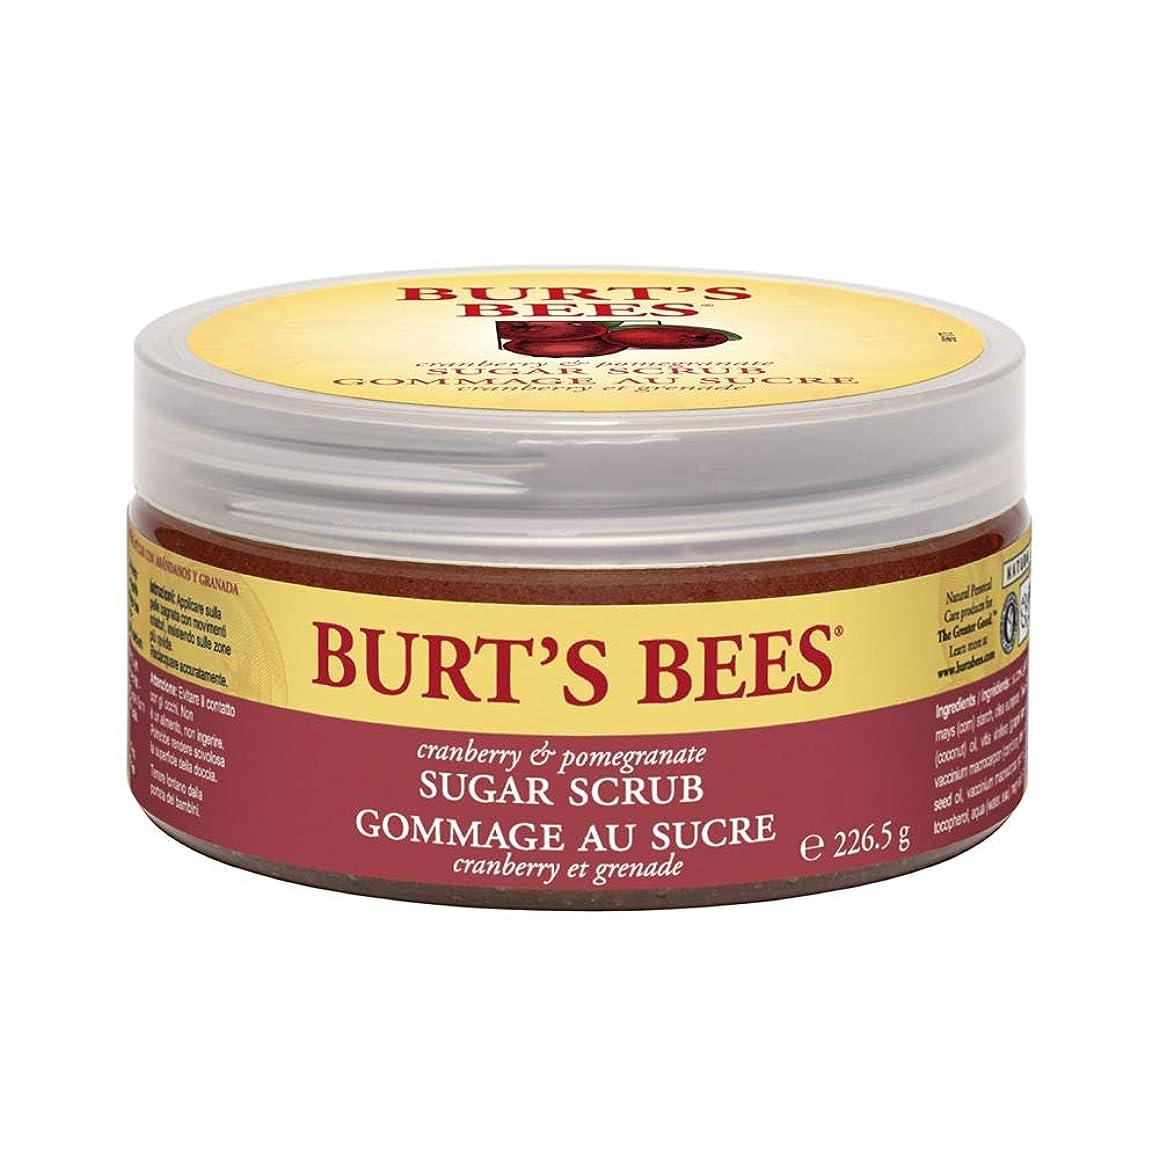 出撃者クラブ歩行者バーツビーズ (Burt's Bees) C&P シュガースクラブ 225g